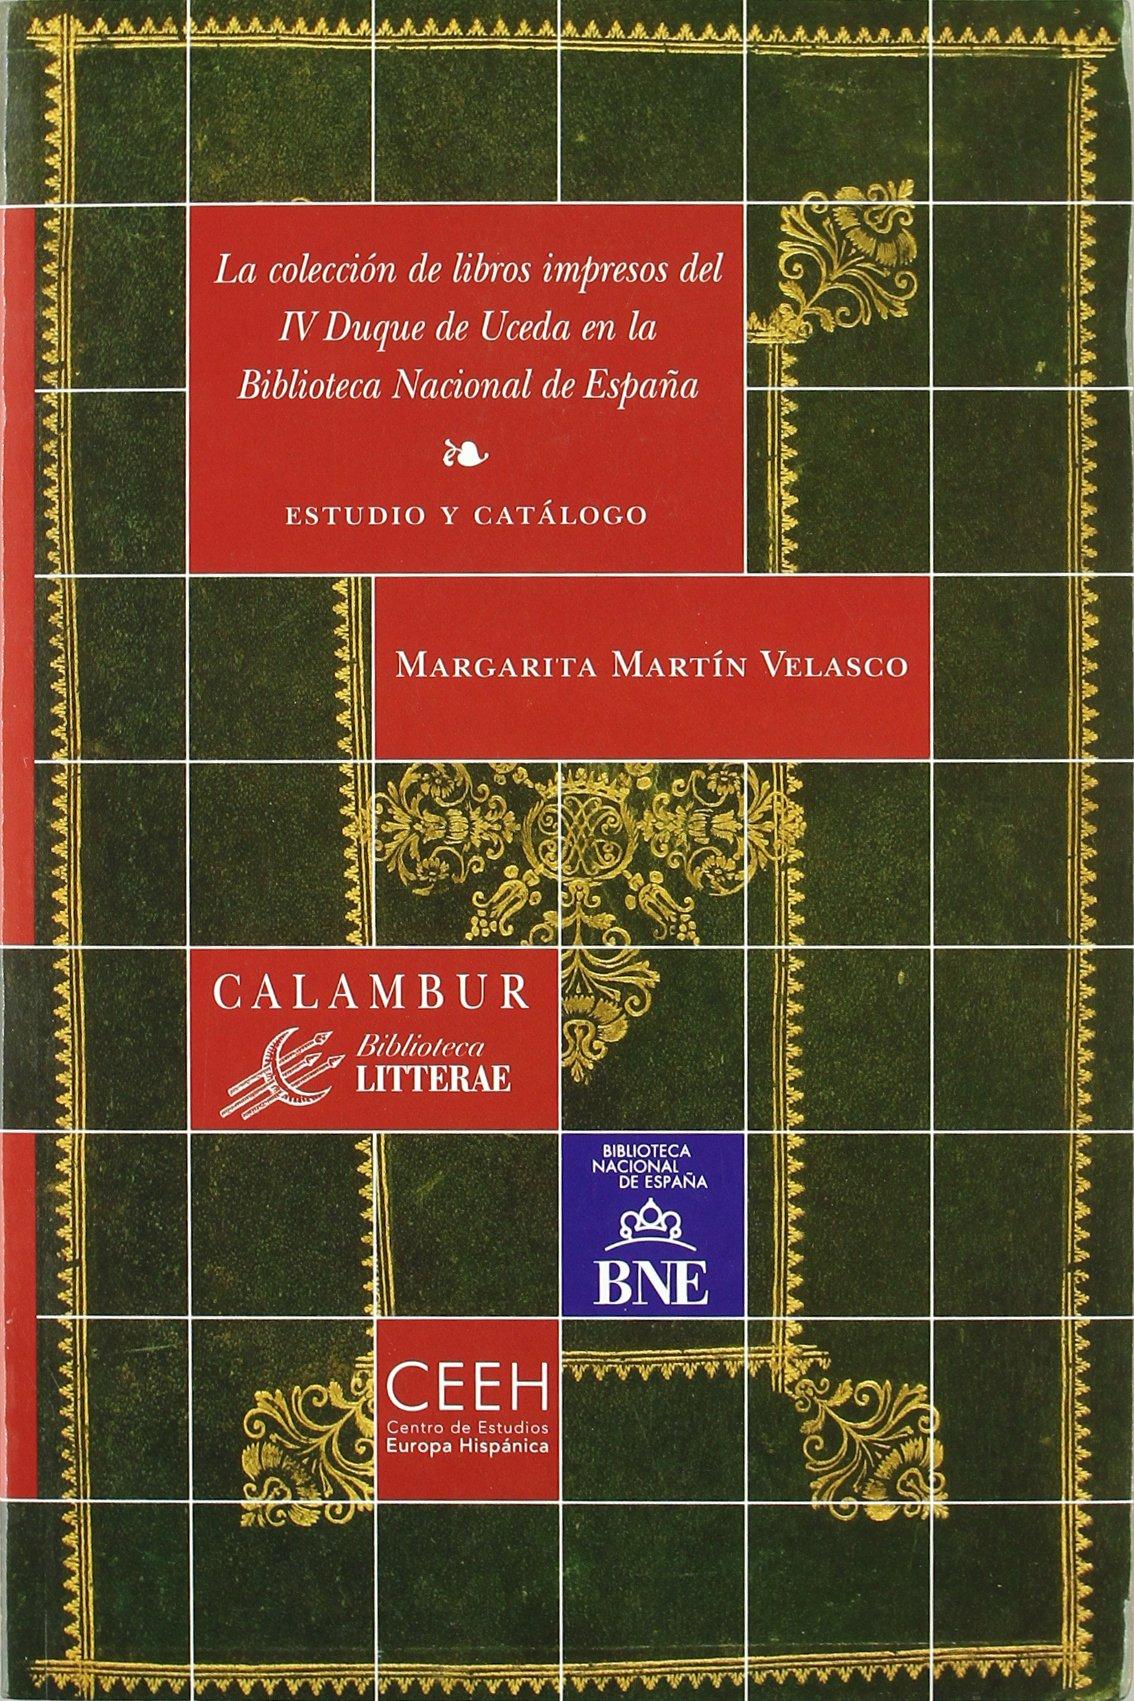 La colección de libros impresos del IV Duque de Uceda en la Biblioteca Nacional de España: Estudio y catálogo Biblioteca Litterae: Amazon.es: Martín Velasco, Margarita: Libros